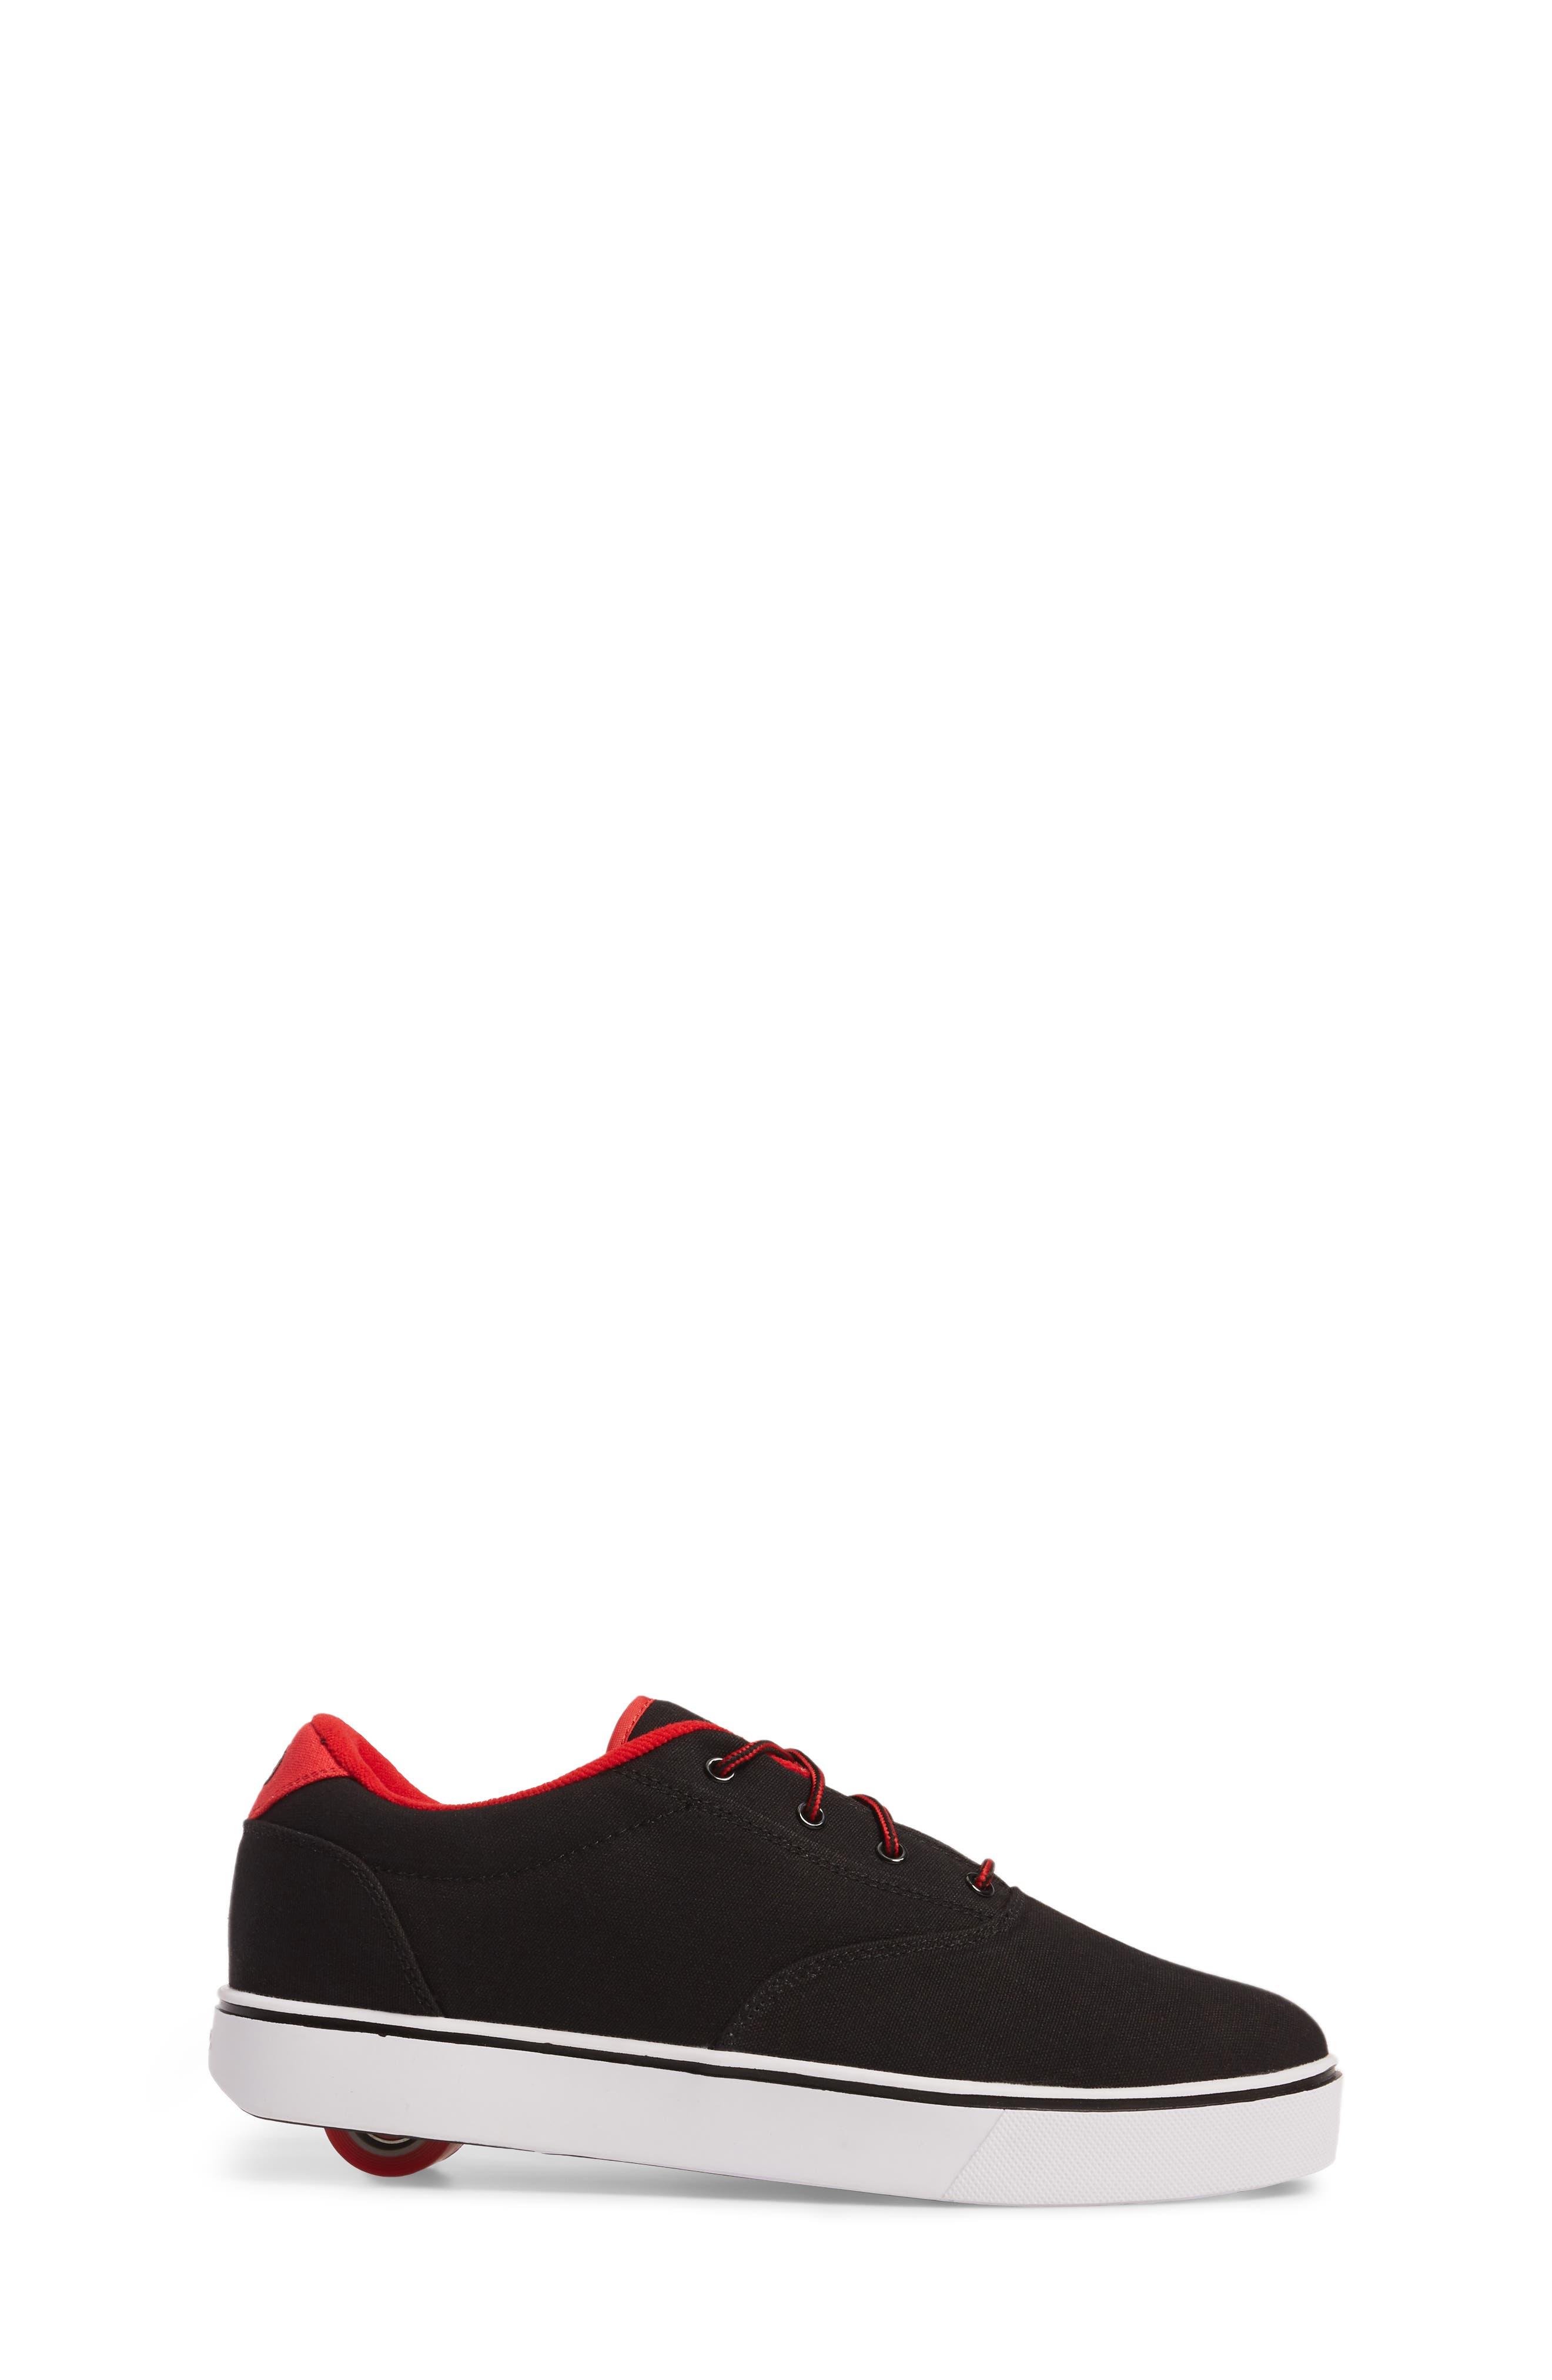 'Launch' Skate Sneaker,                             Alternate thumbnail 3, color,                             006